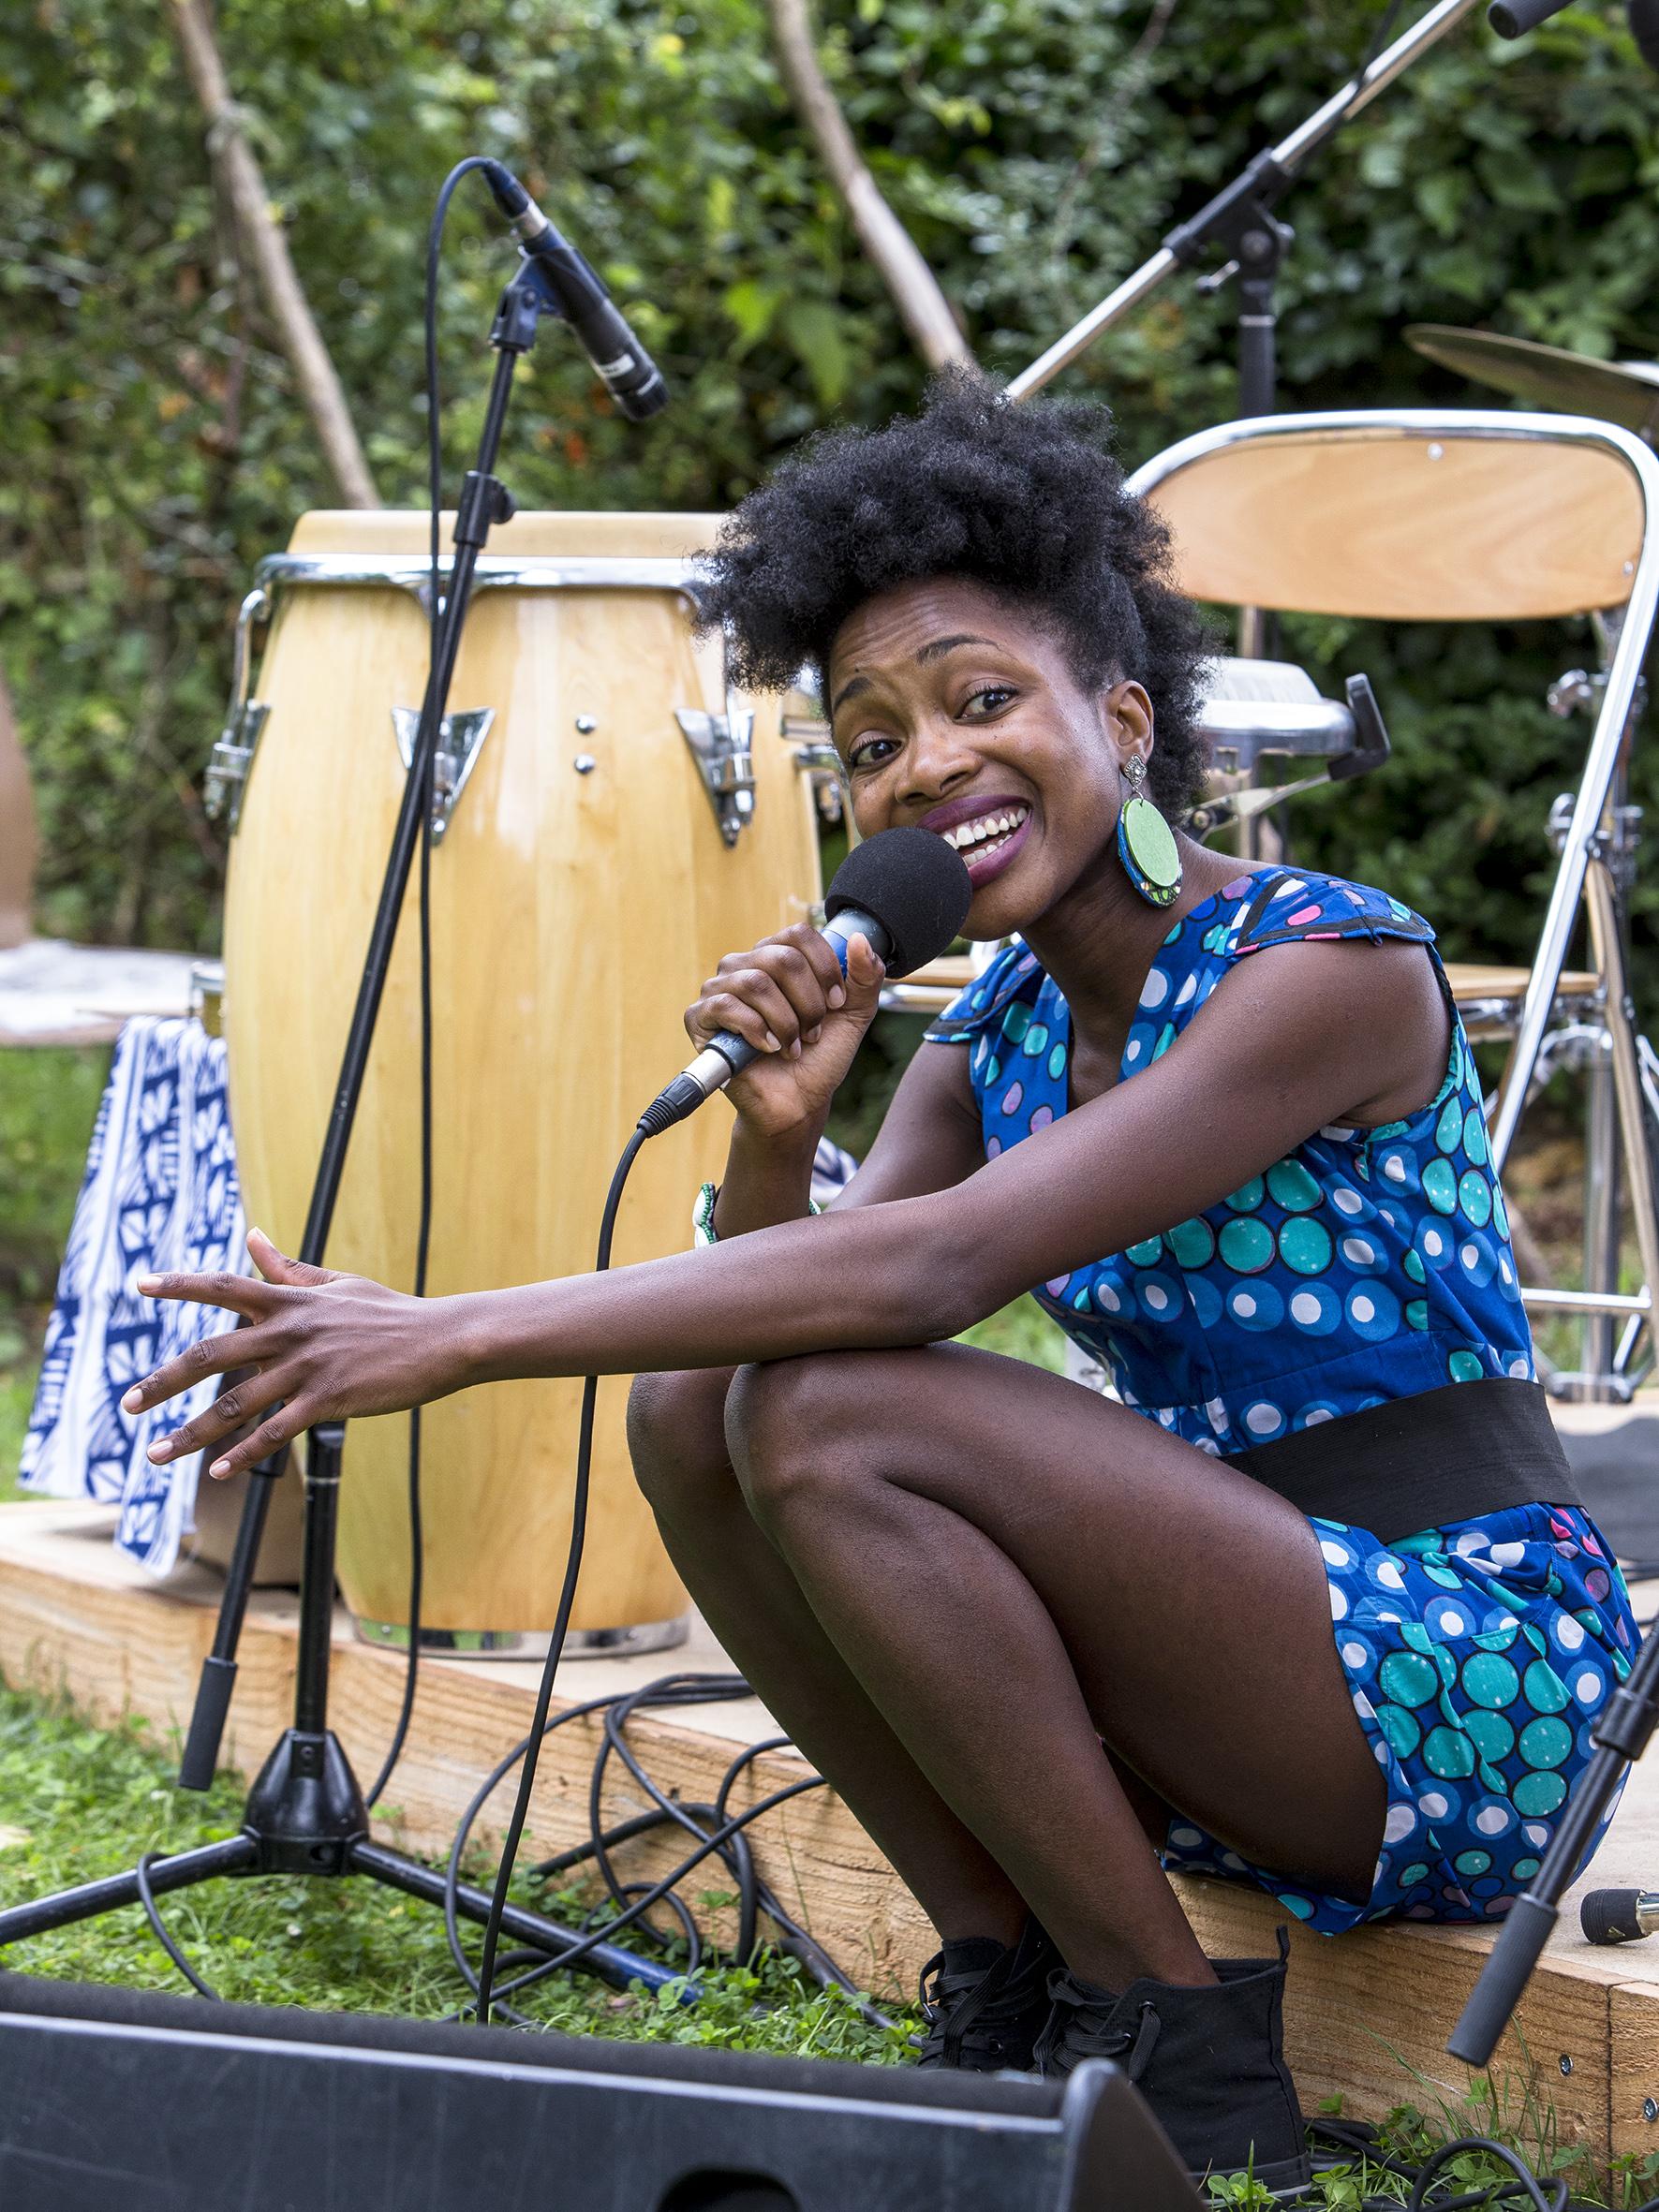 portraits-lucia-carvalho-festival-au-gr+¿s-du-jazz-la-petite-pierre-2015-marie-colette-becker-15